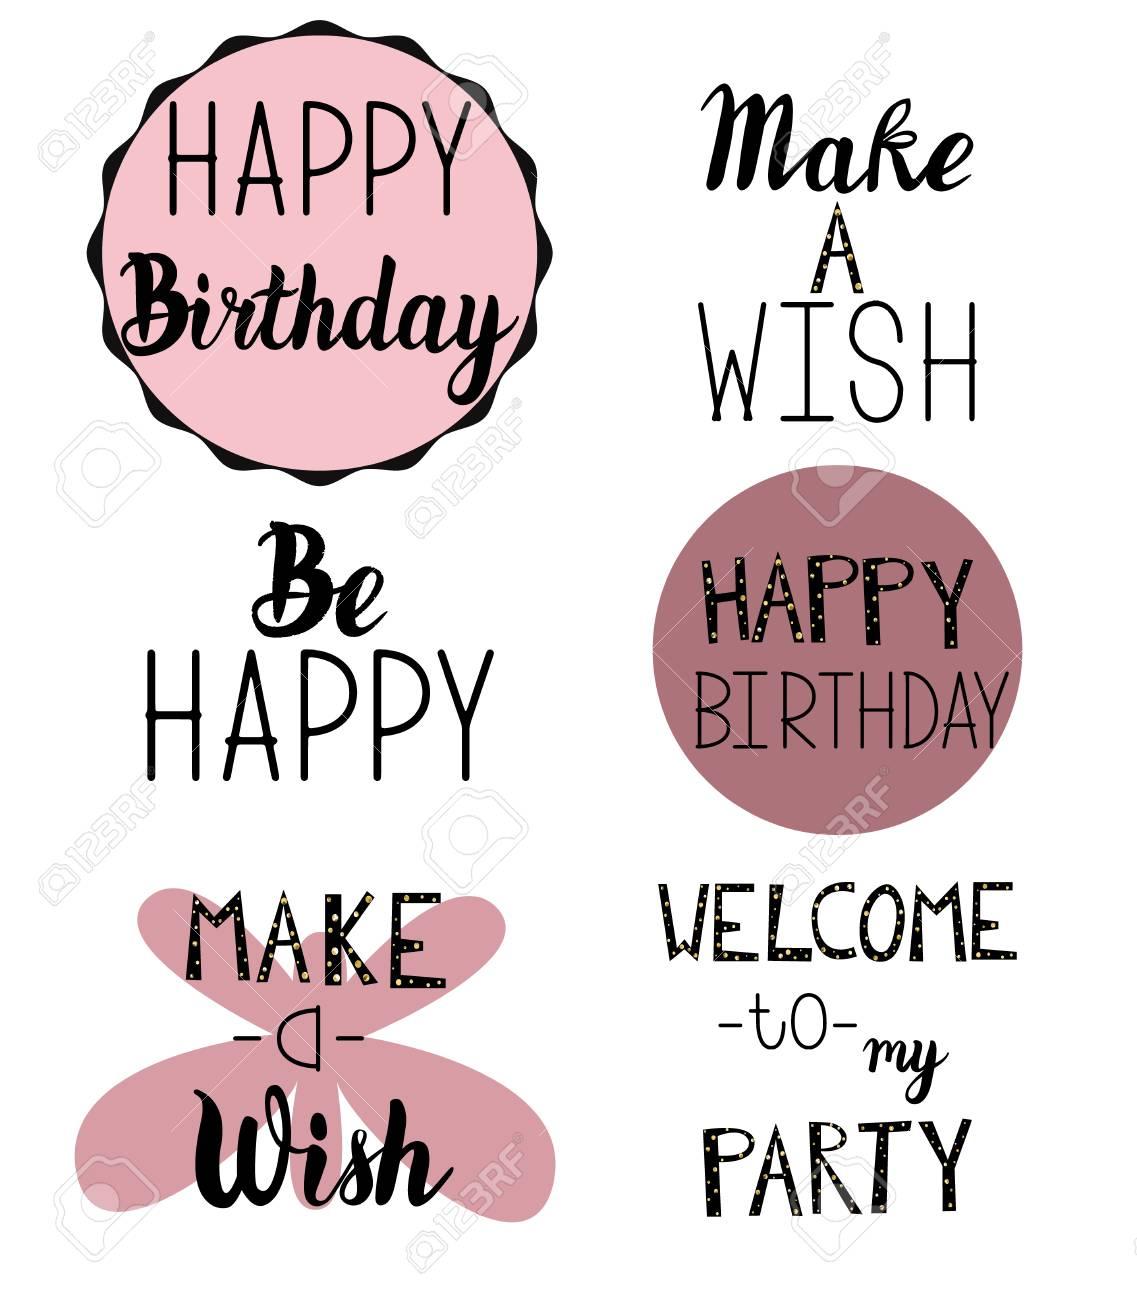 Feliz Cumpleaños Saludo Texto De Invitación Para Tarjetas Folletos Y Cualquier Otro Su Proyecto